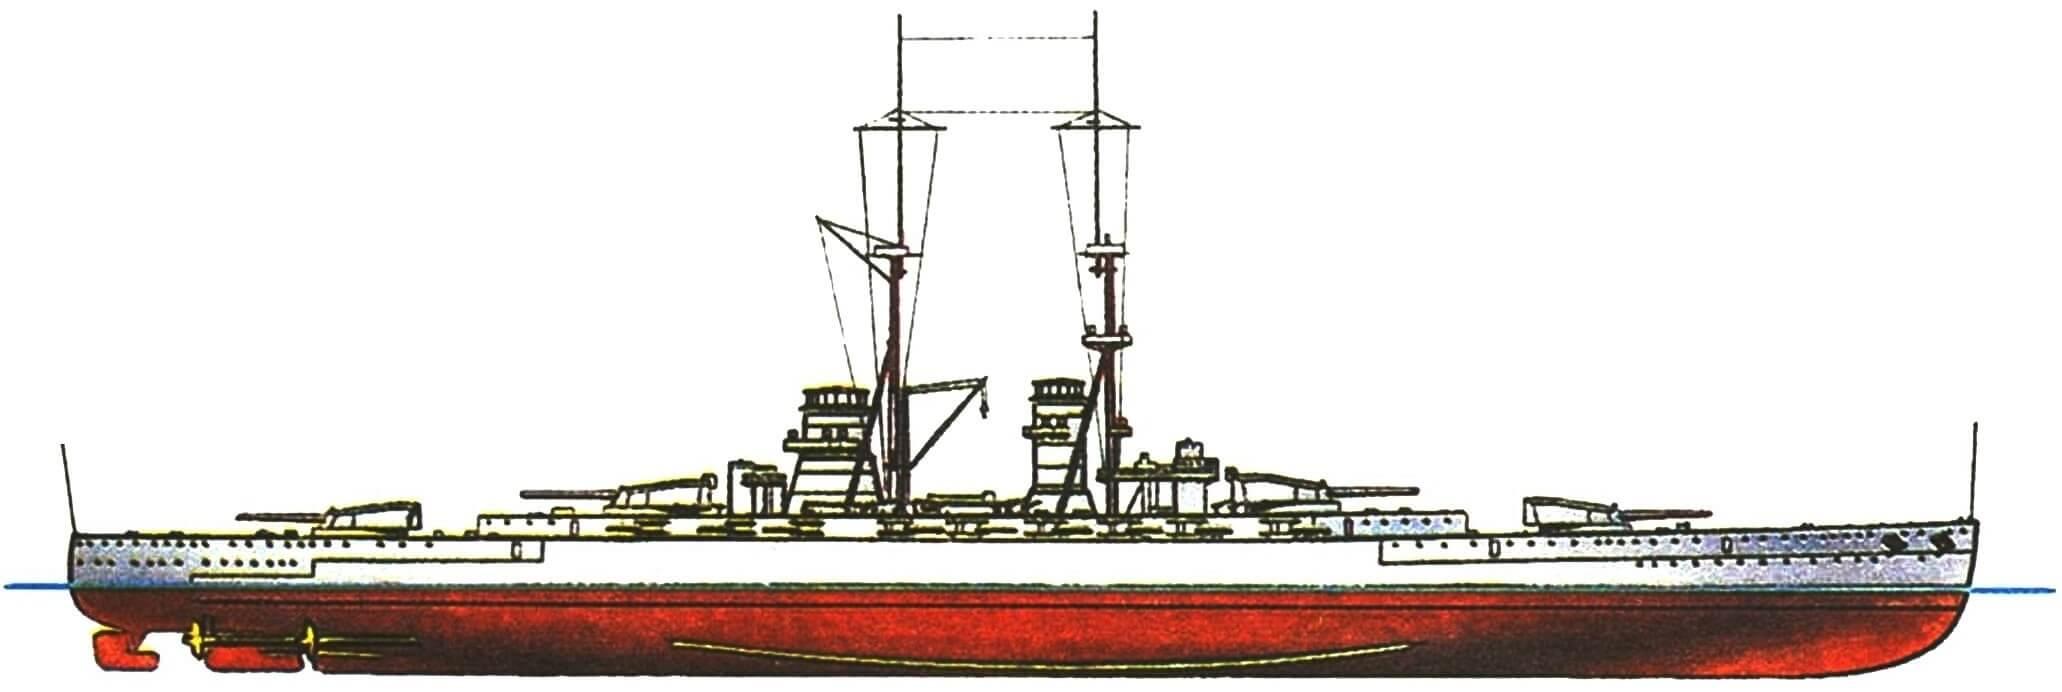 166.Линейный корабль «ФРАНЧЕСКО КАРАККЬОЛО», Италия (проект).